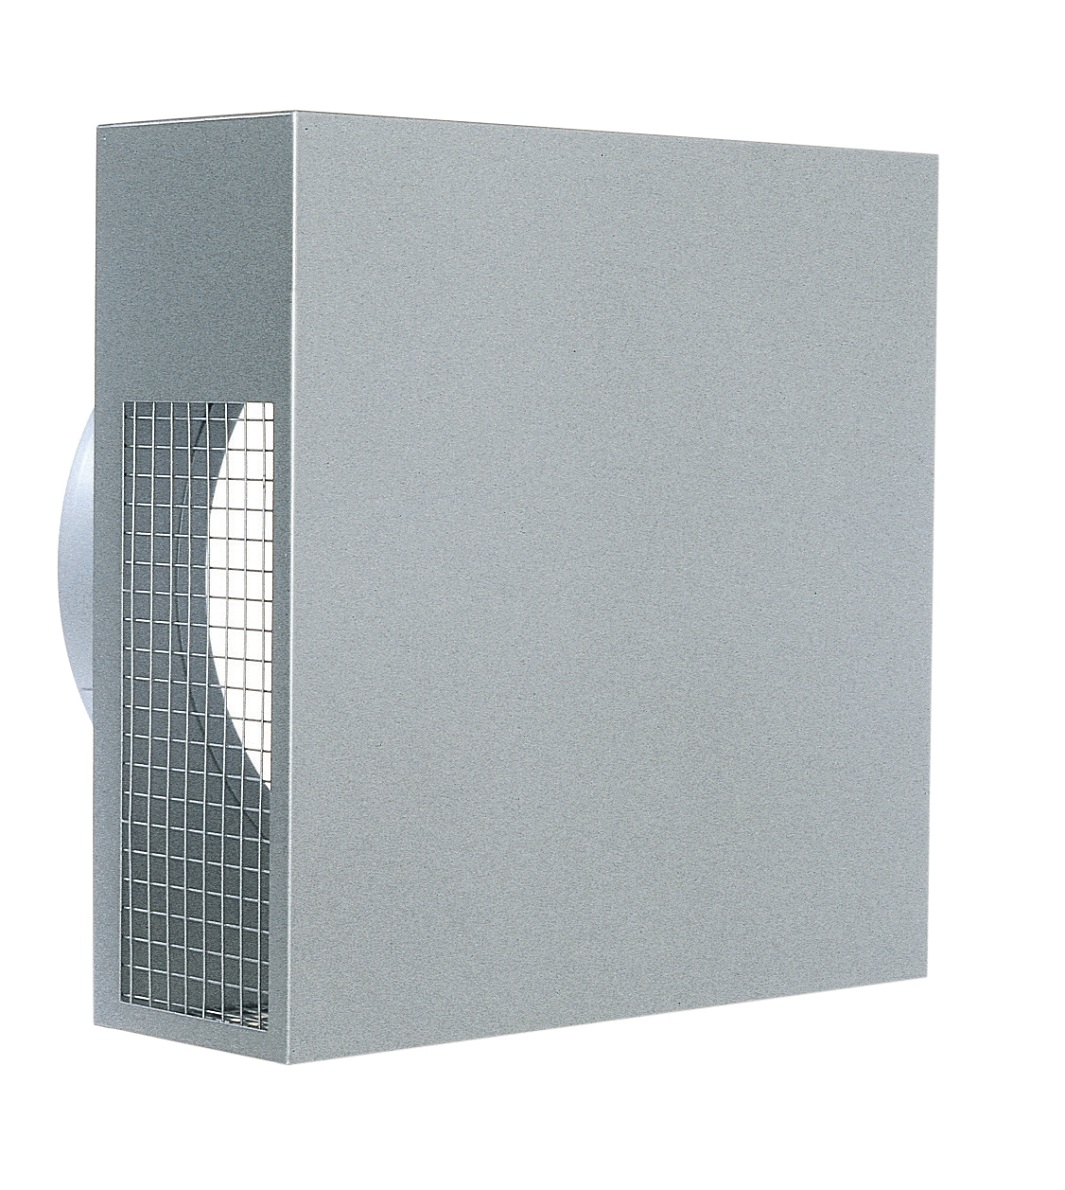 西邦工業 SEIHO KKN300S 外壁用ステンレス製換気口 (パイプフード) 金網型4メッシュ 低圧損